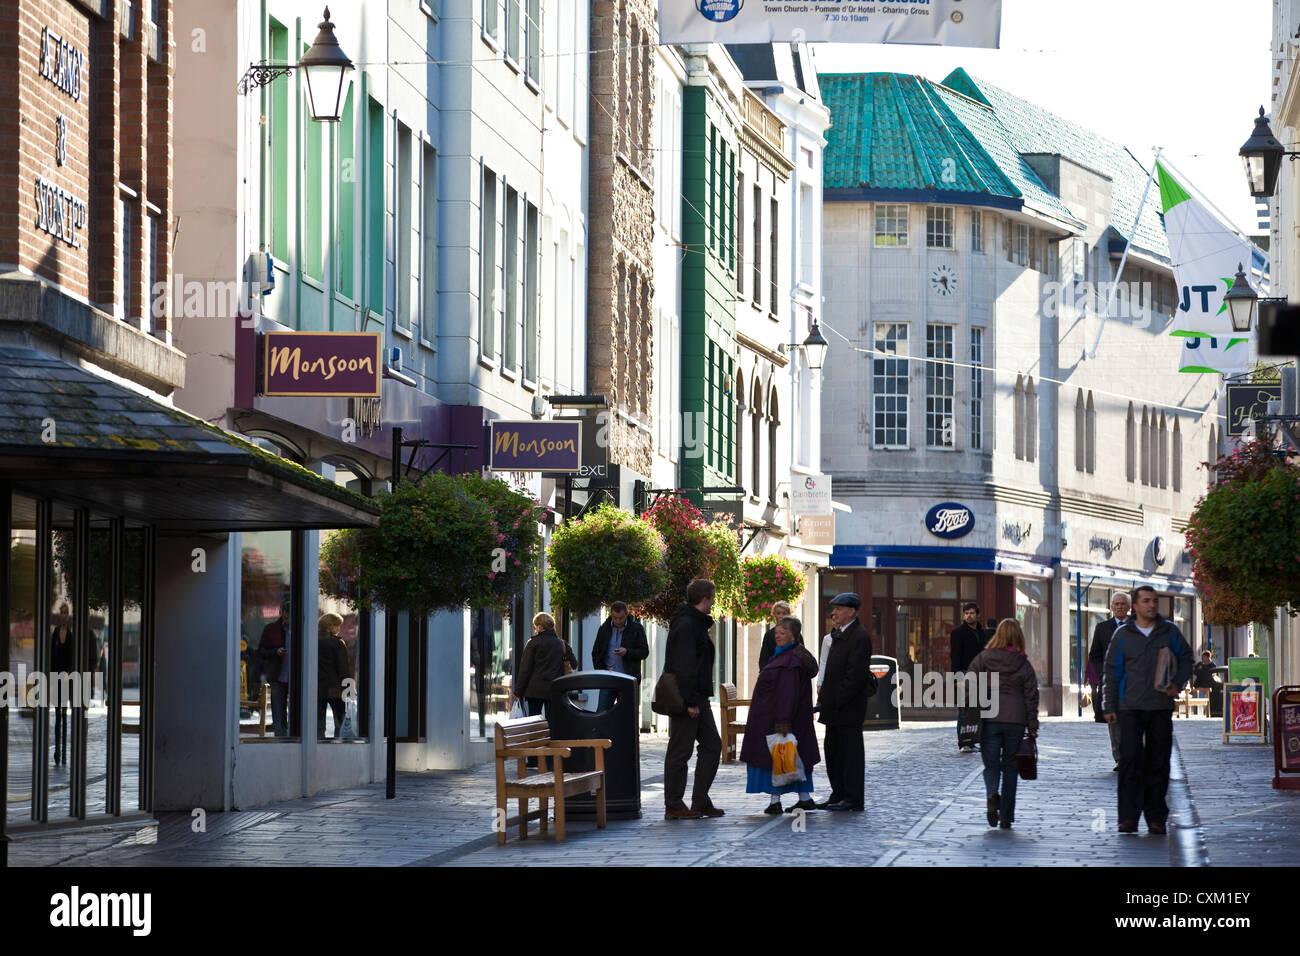 Broad Street, St Helier, Jersey, Channel Islands, UK - Stock Image